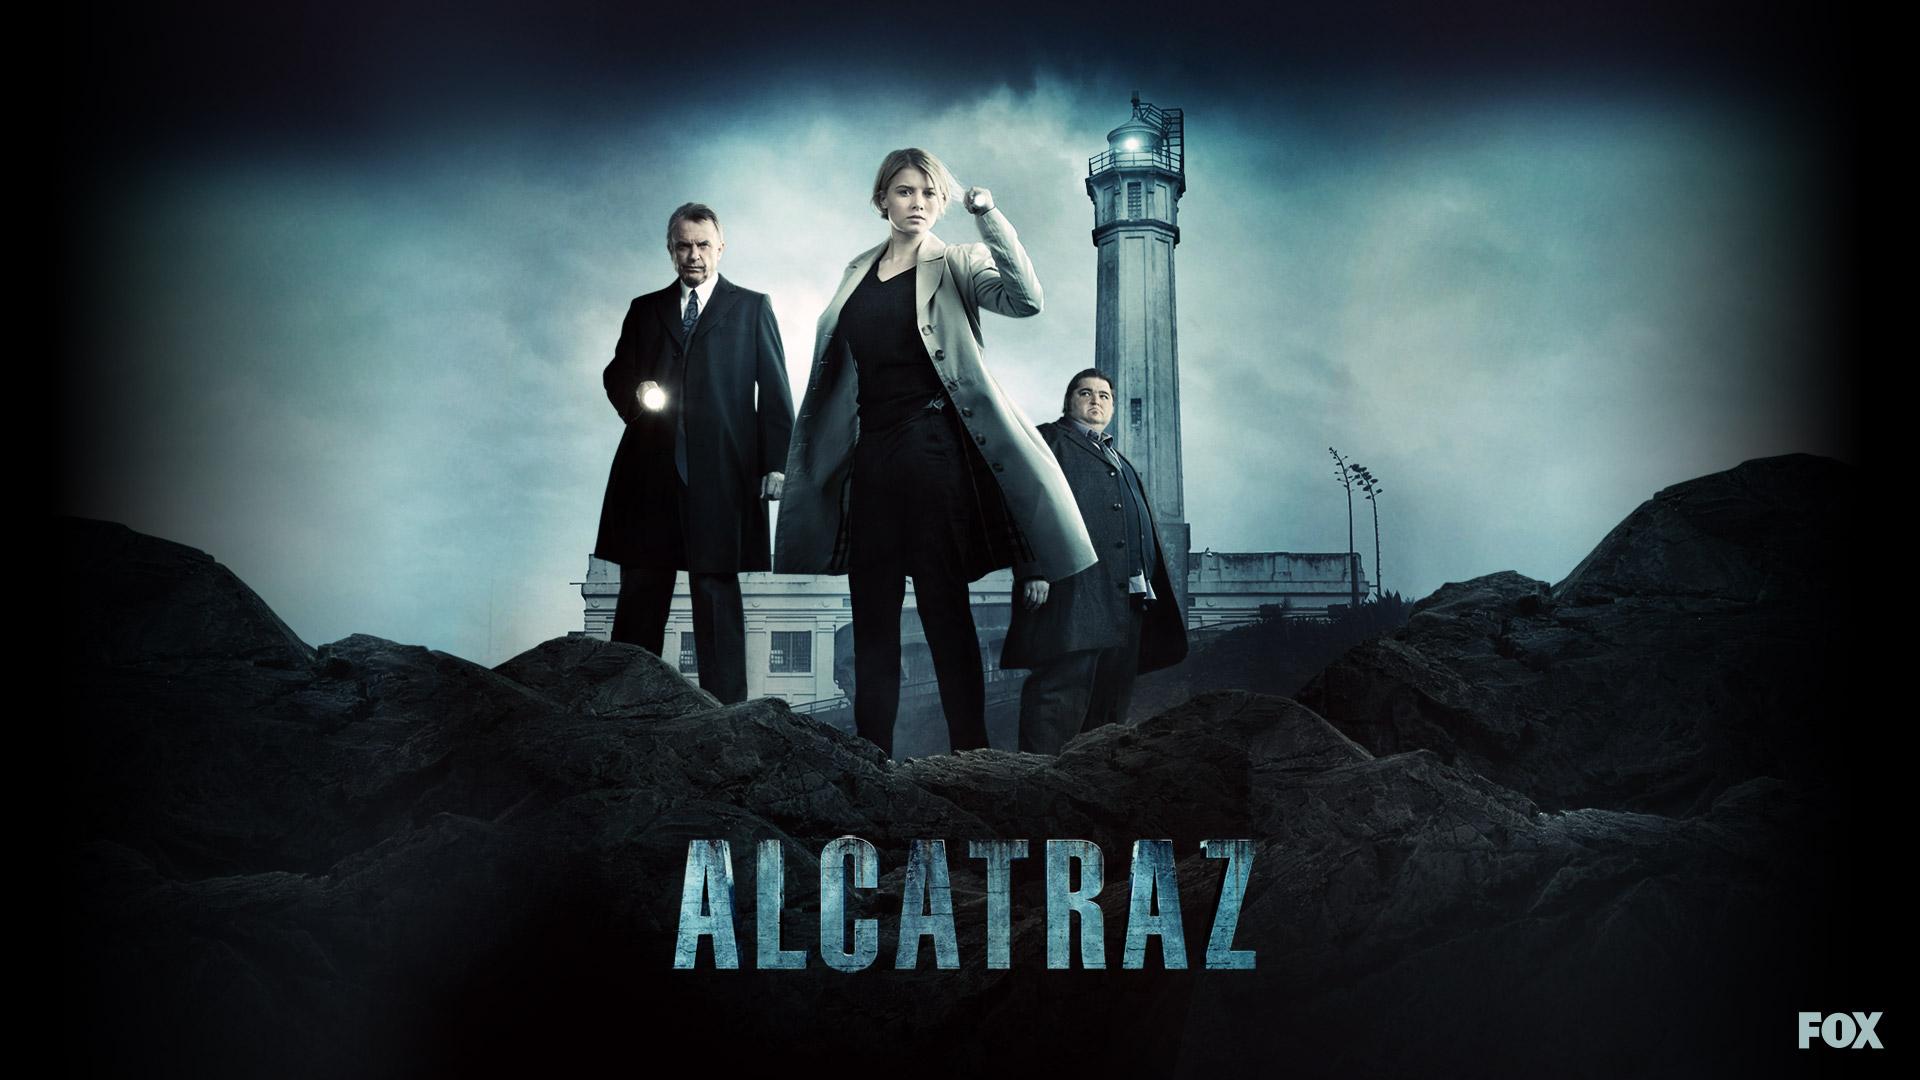 [影集] Alcatraz (2012~2012) Alcatraz2_wallpapers_1920x1080_ej